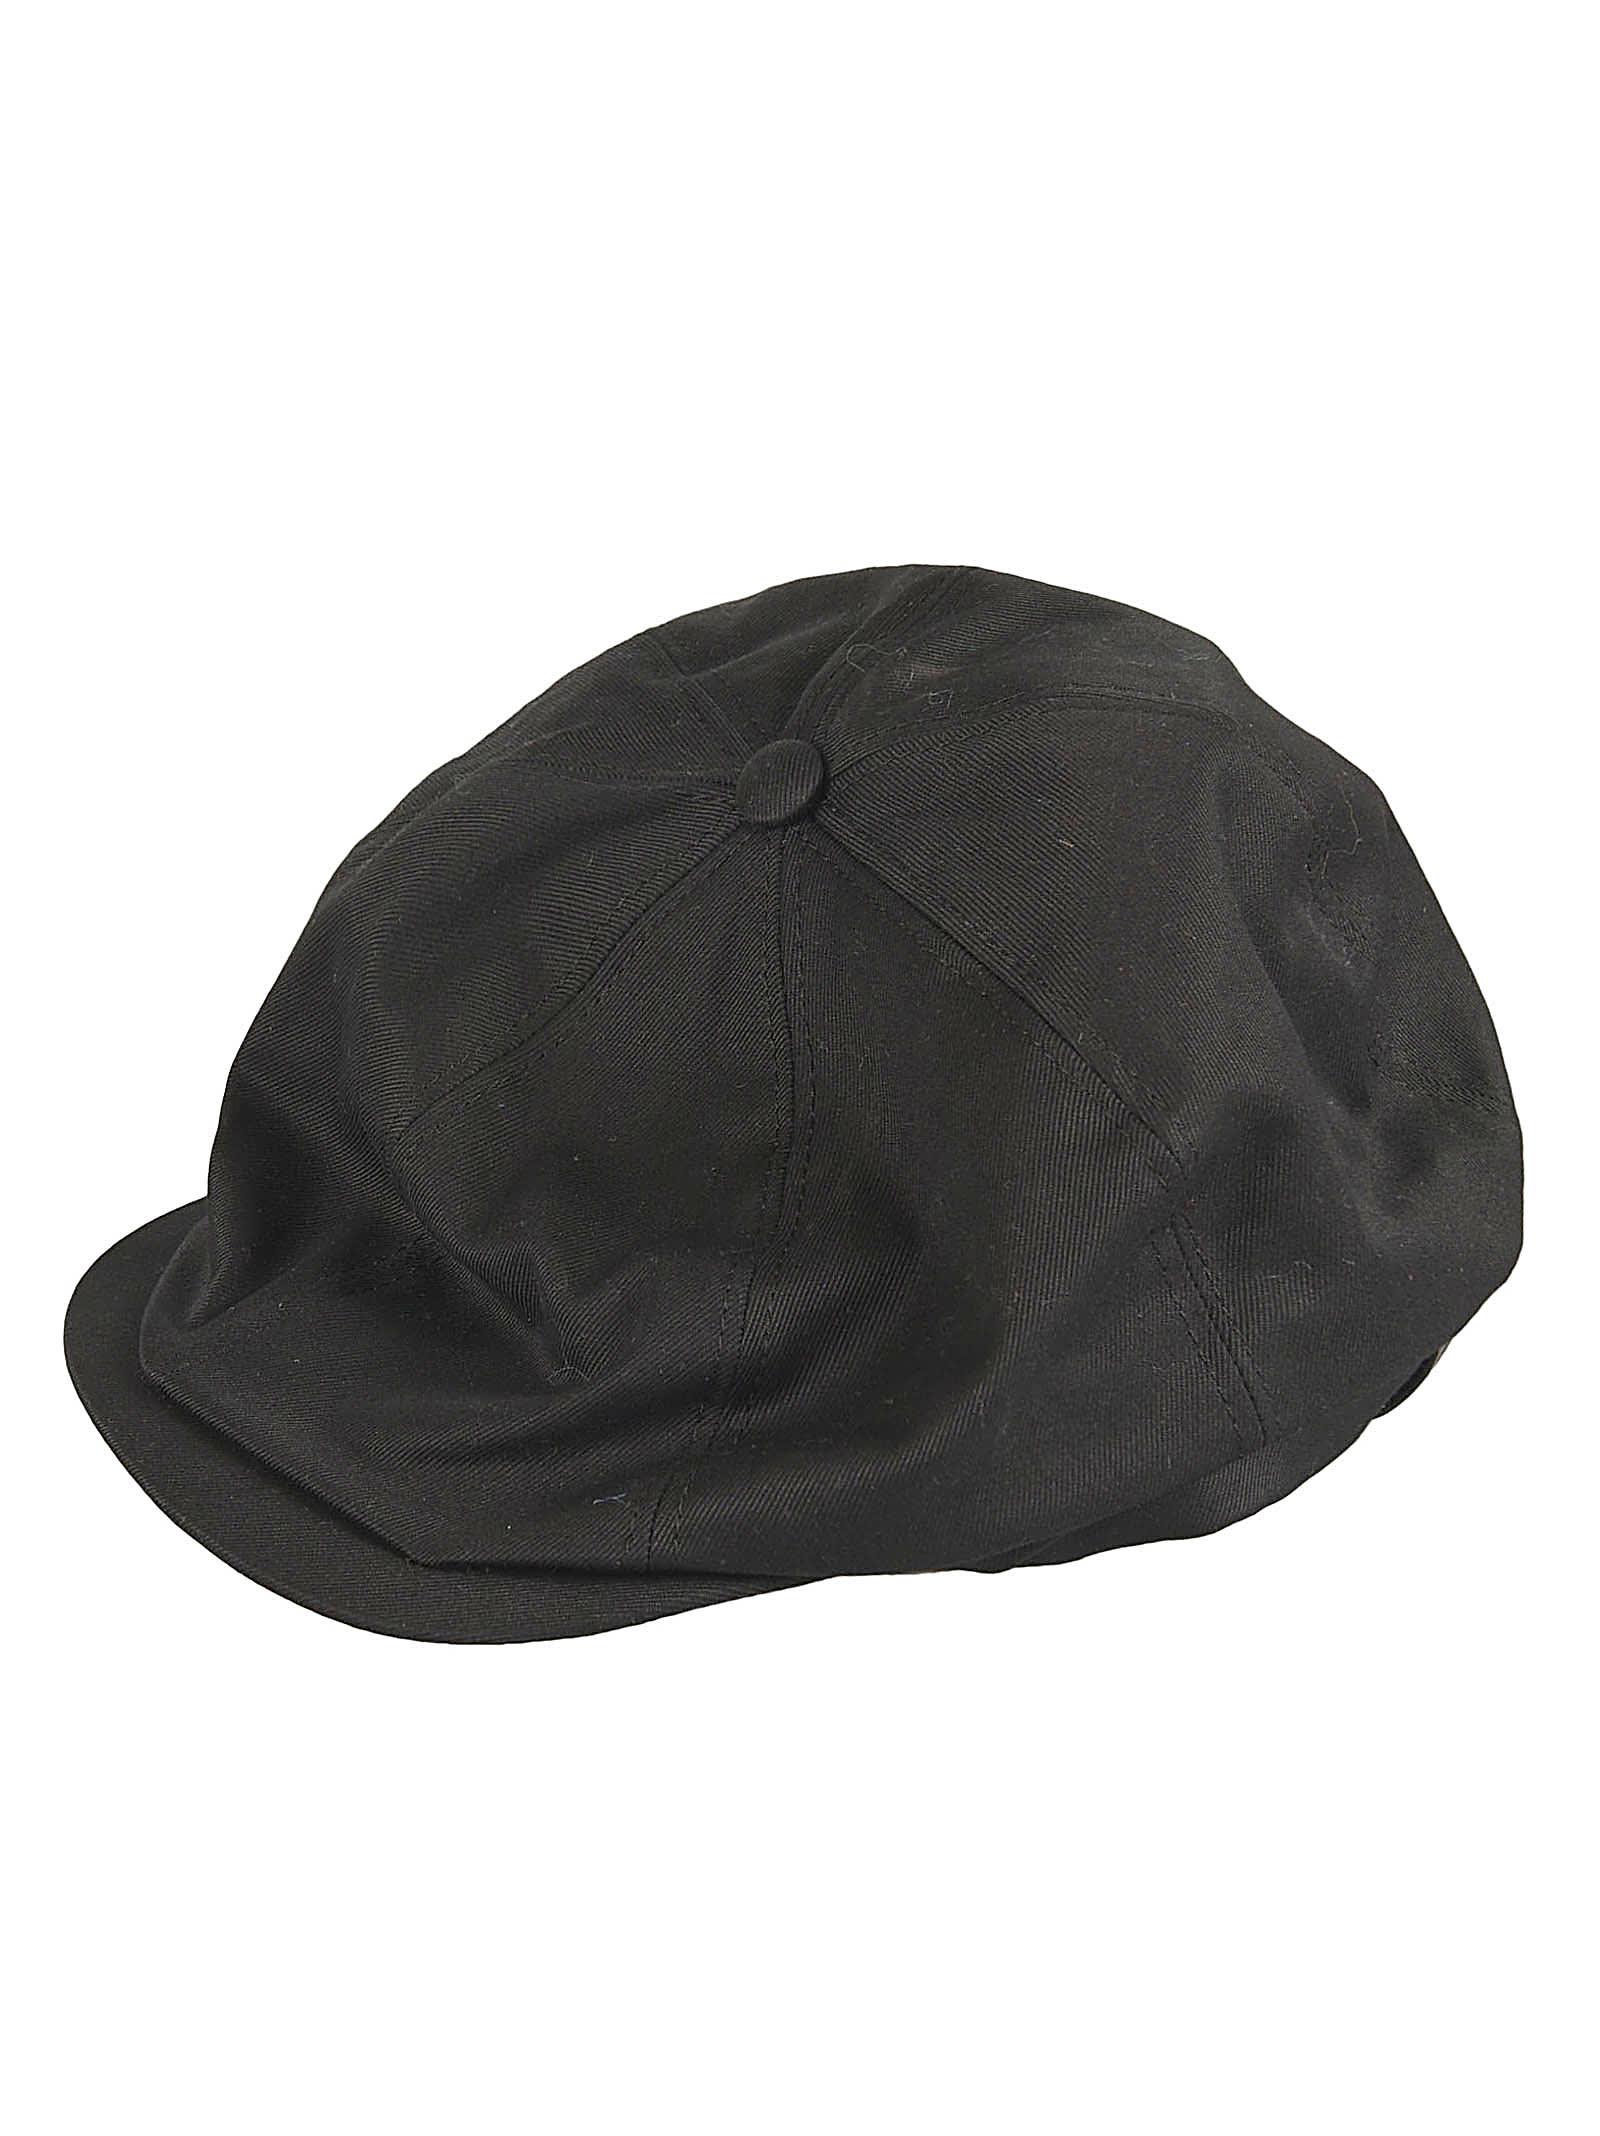 Saint Laurent Branded Baseball Cap In Black